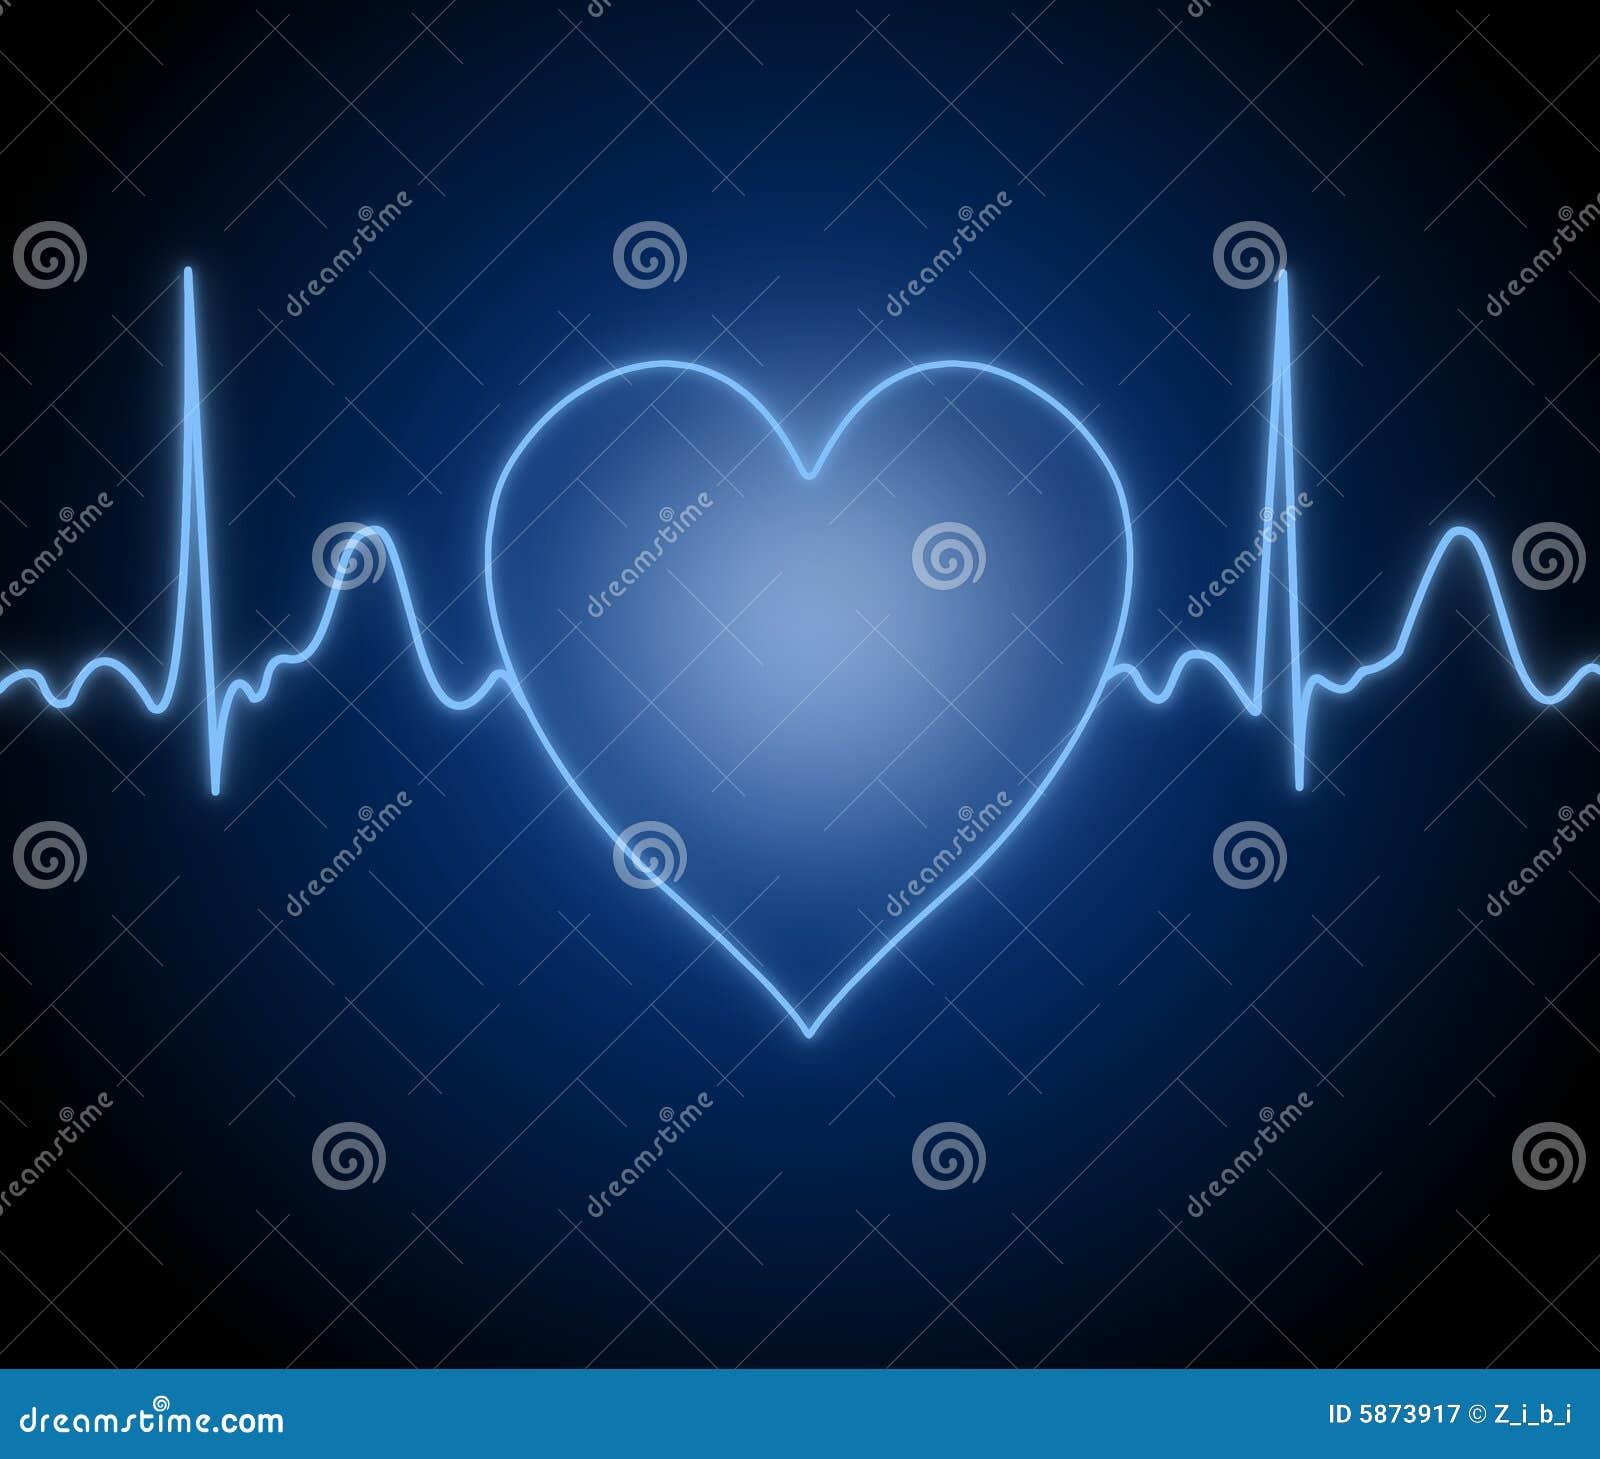 Atividade do coração humano